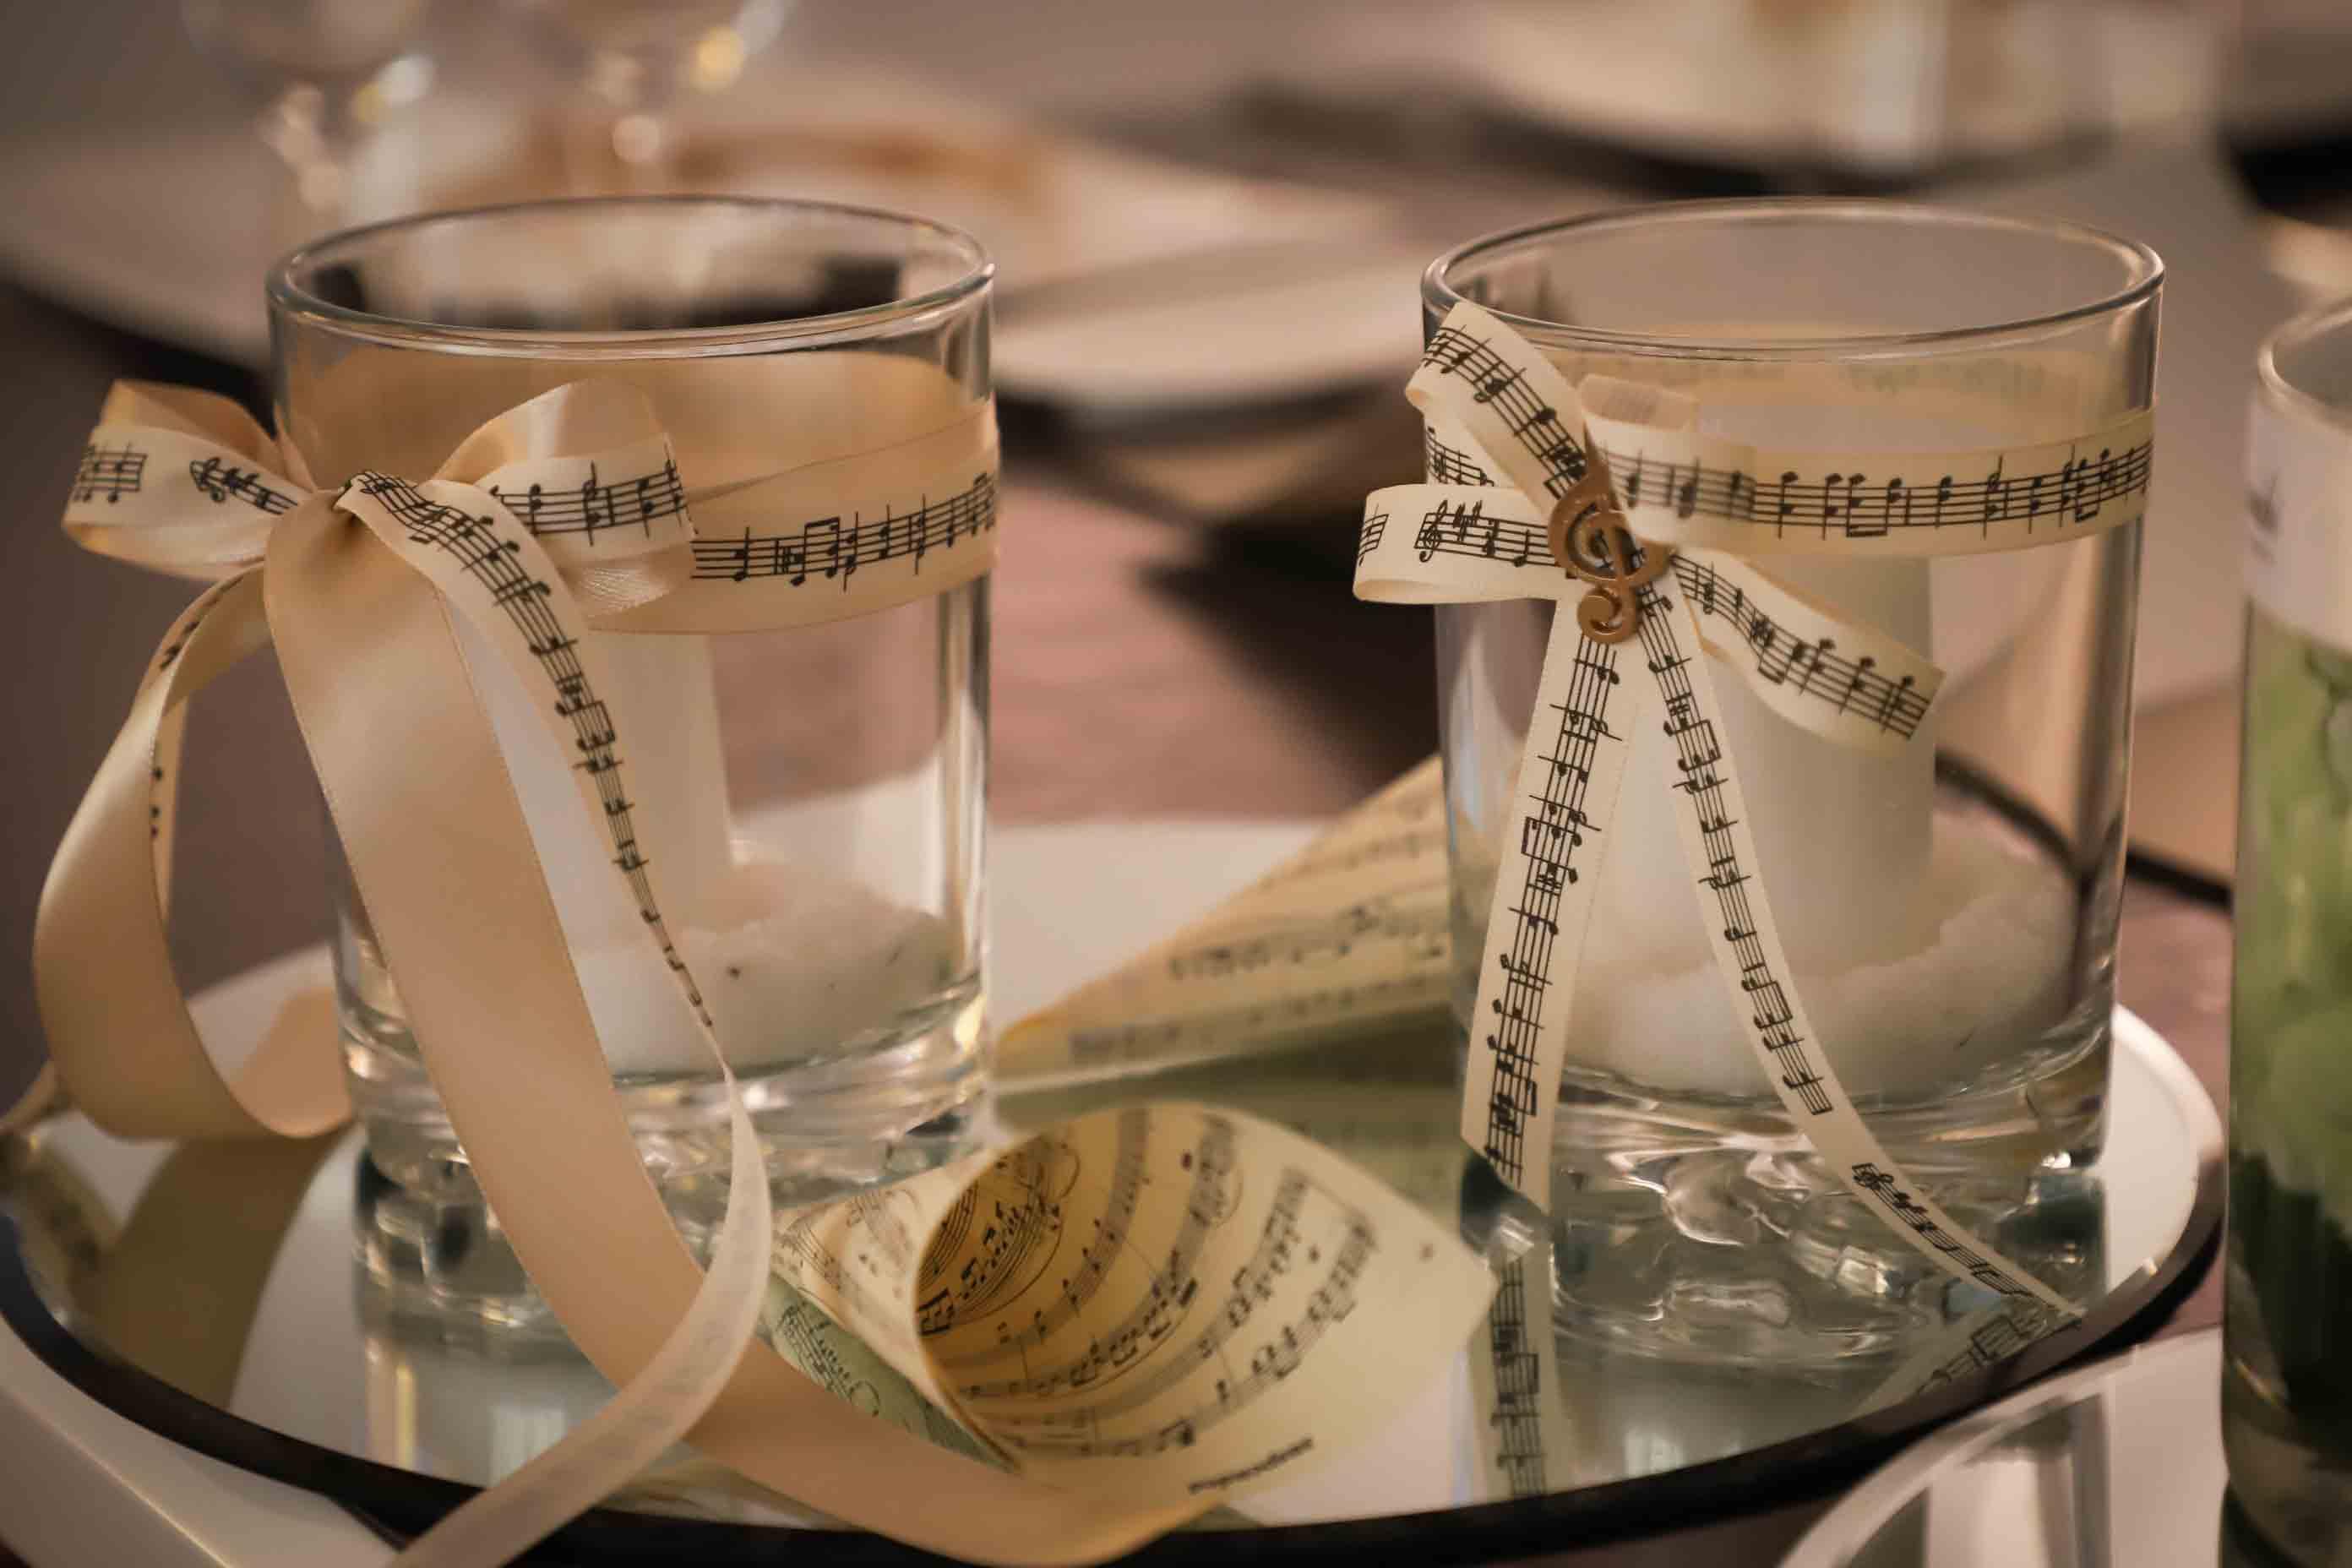 Matrimonio Y Mortaja Del Cielo Baja : Matrimonio bomboniere fux tutto fatto a mano